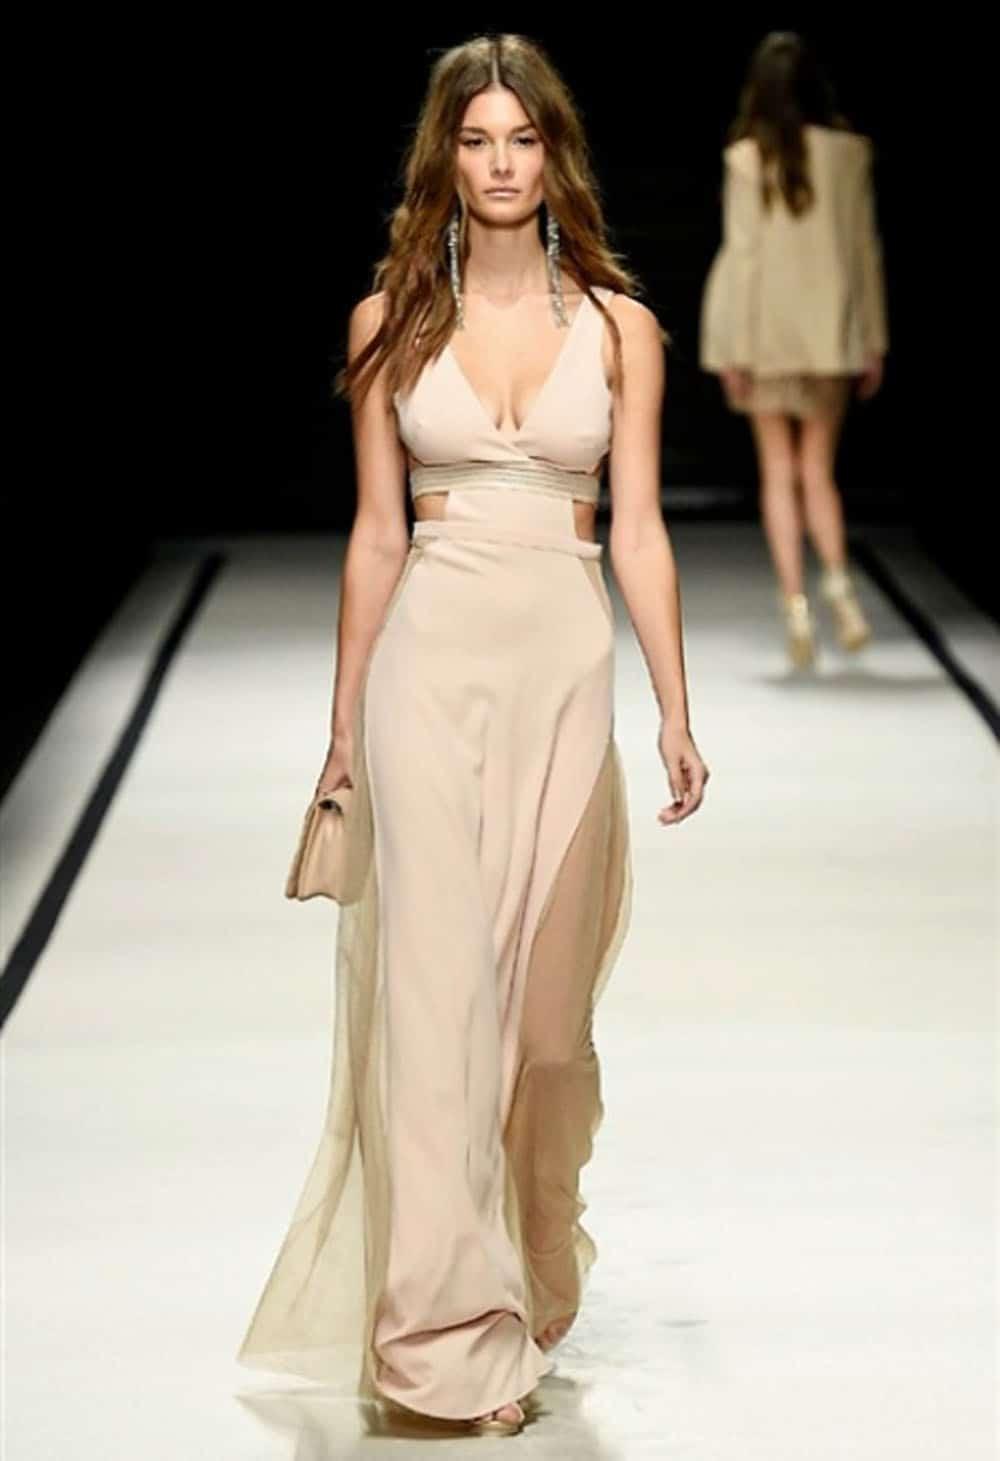 Glamour Affair - Fashion Week 05